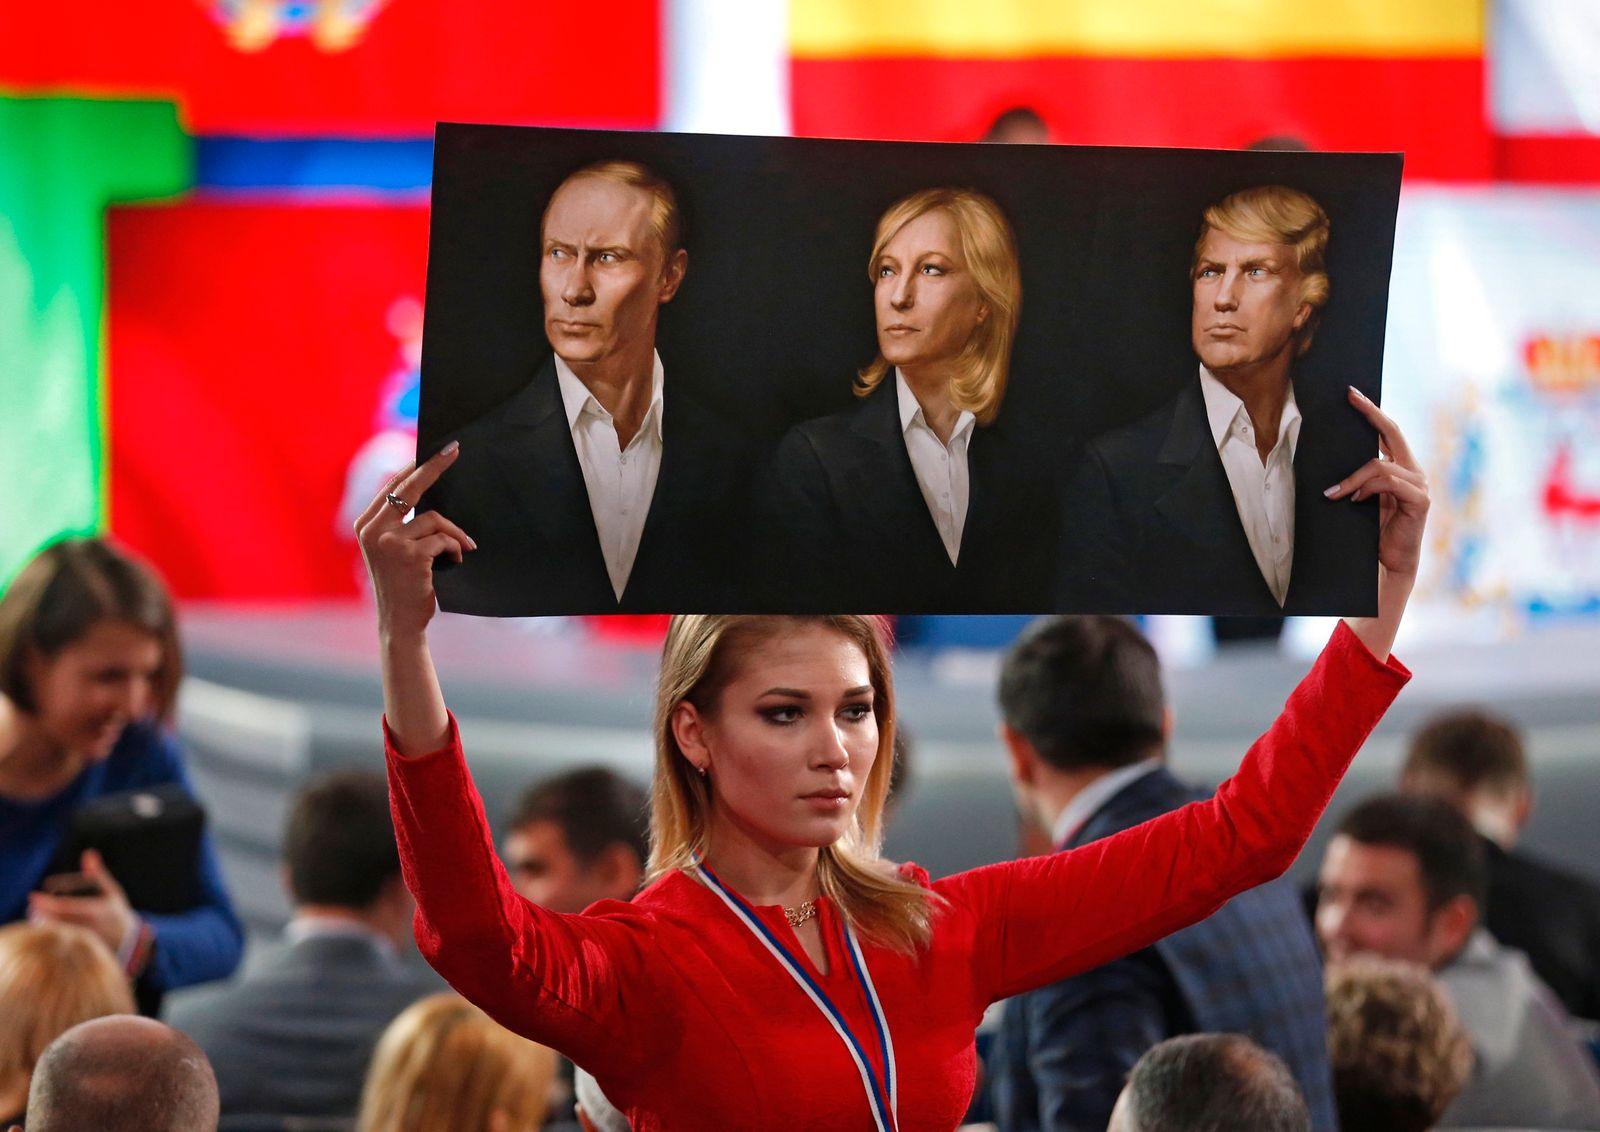 Putin / Le Pen / Trump